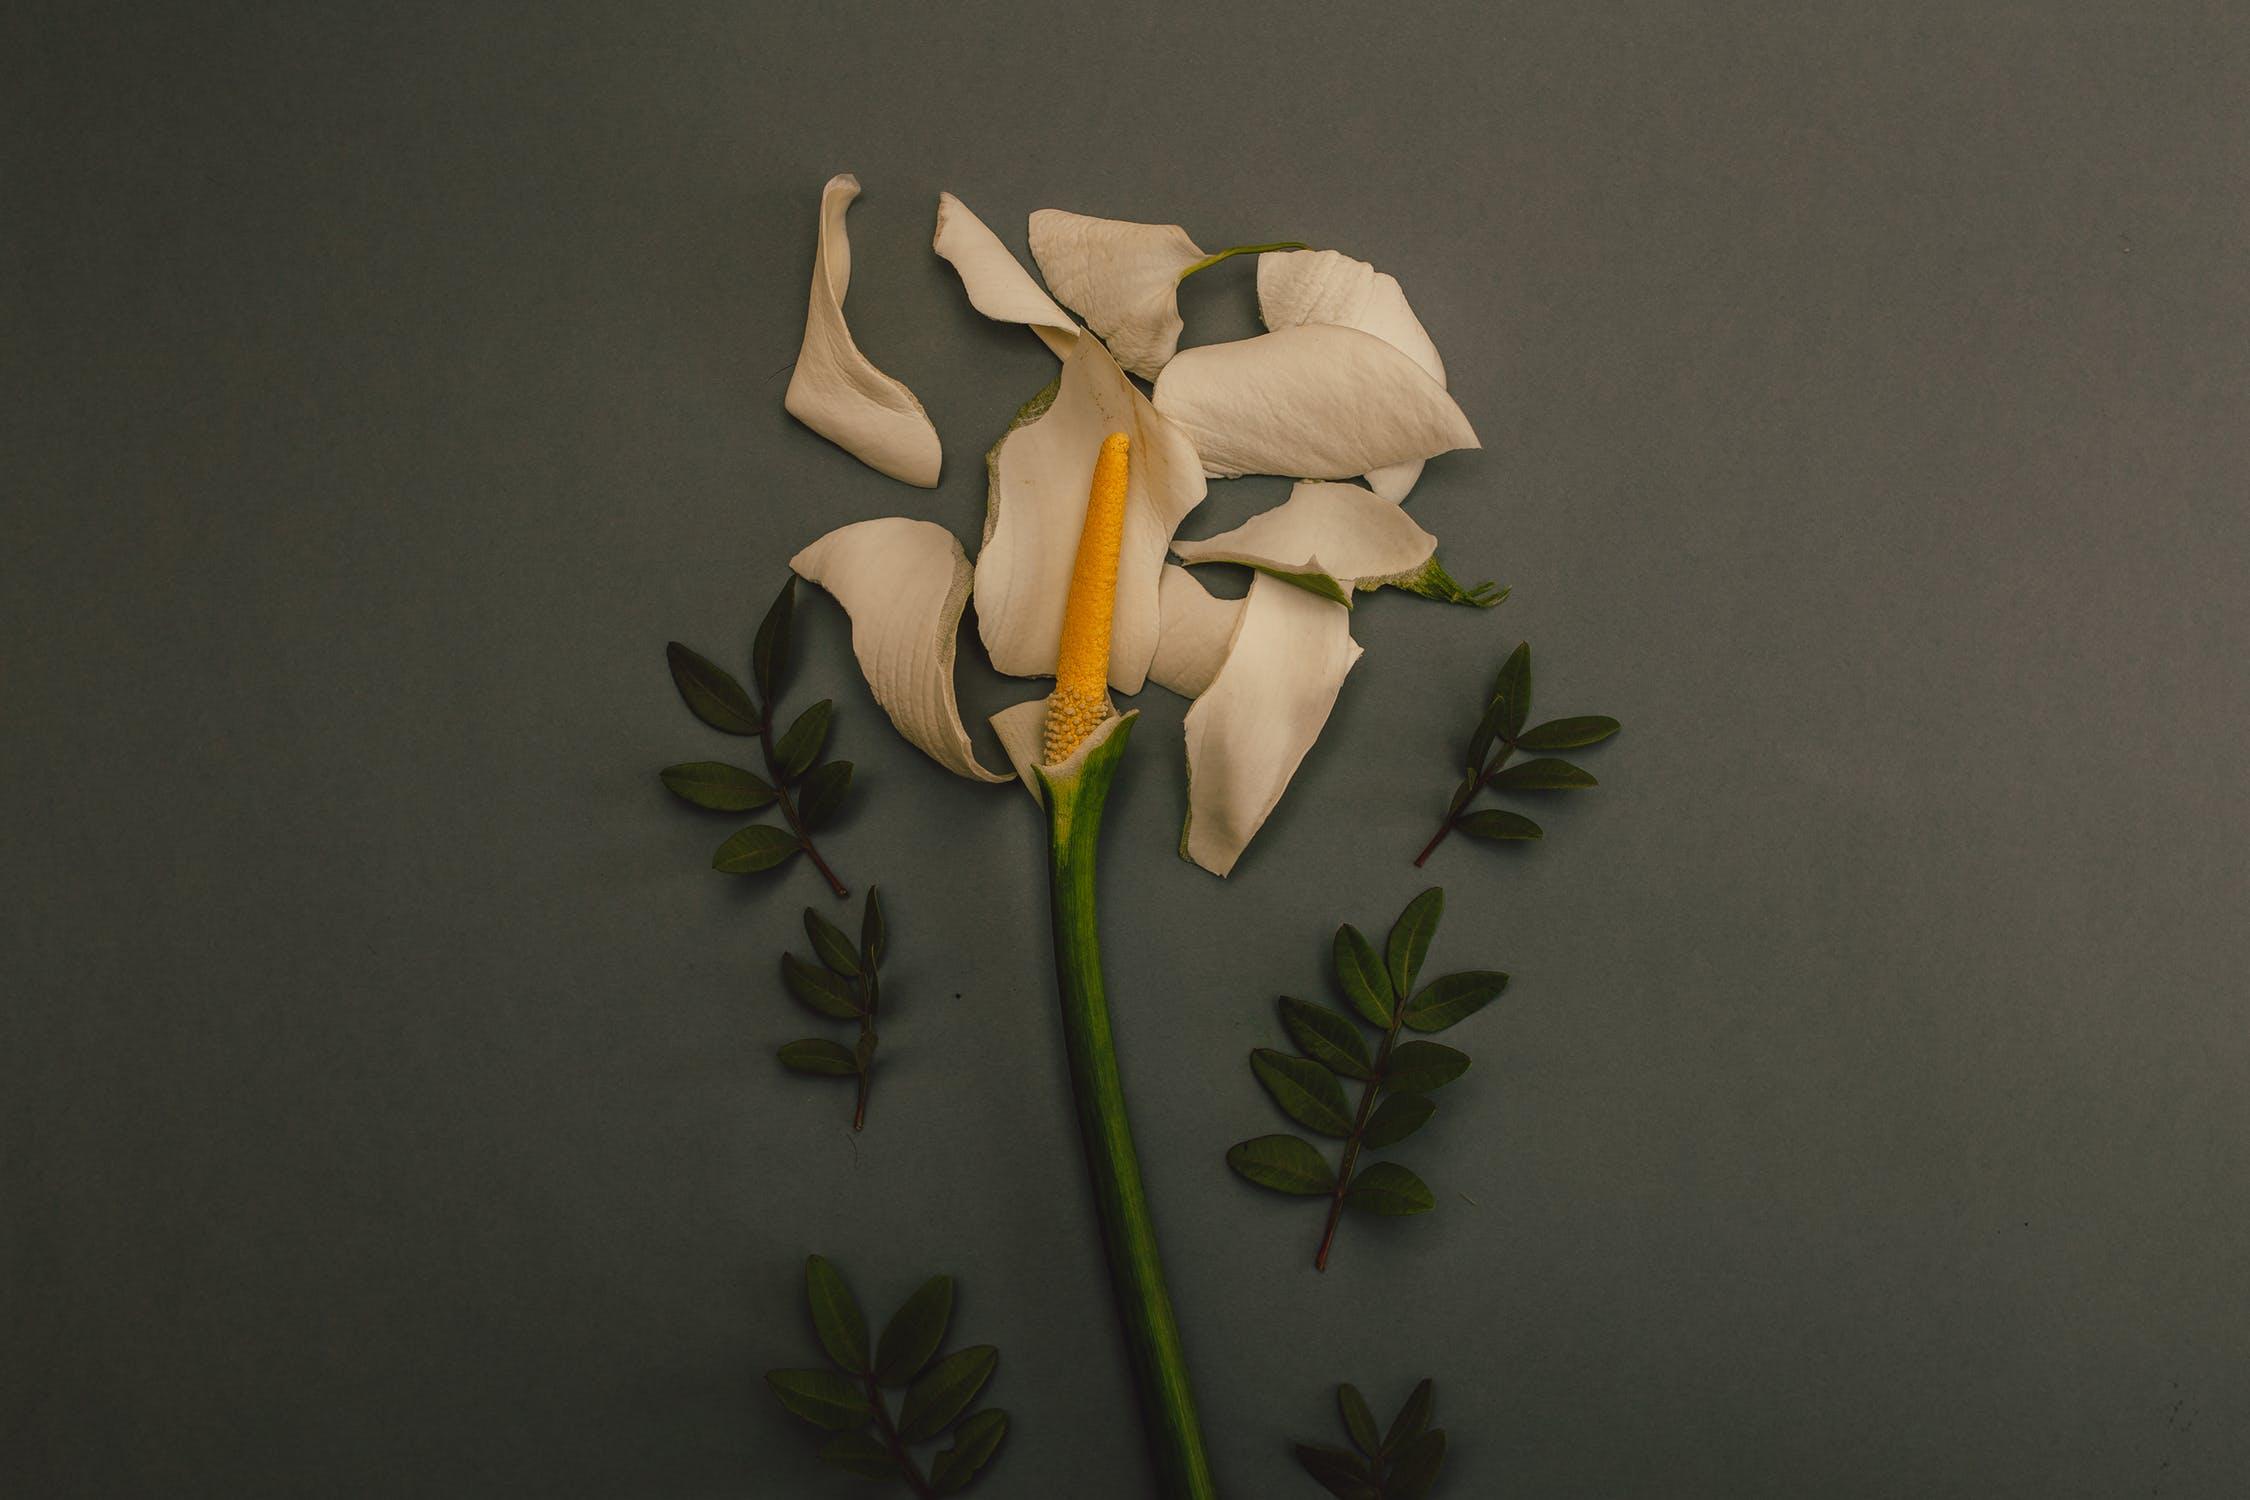 destroyed flower, destroyed flower